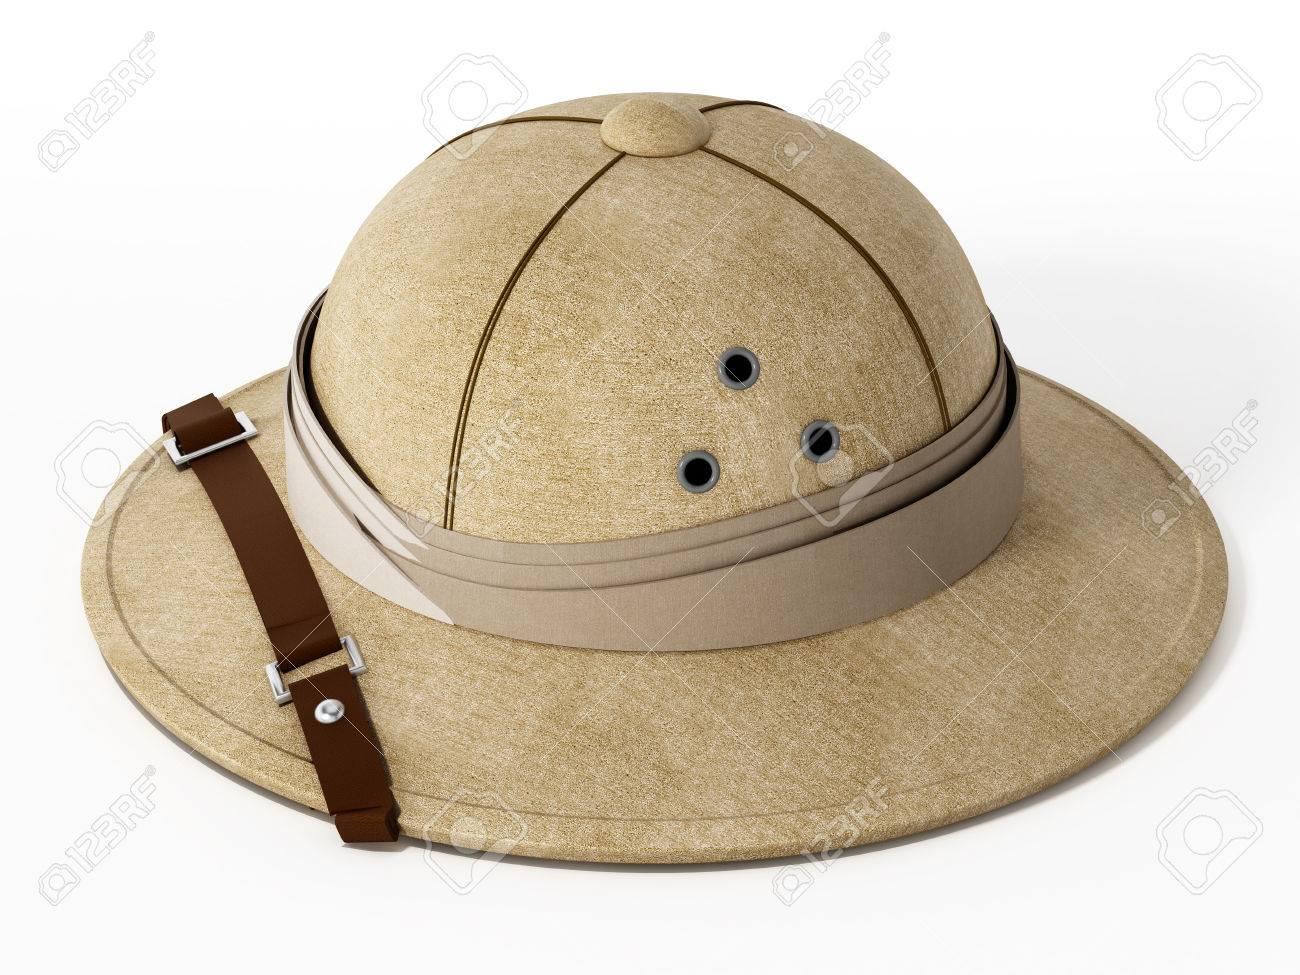 Foto de archivo - Sombrero de explorador de la vendimia aislado en el fondo  blanco. Ilustración 3D. 8881c8b2083